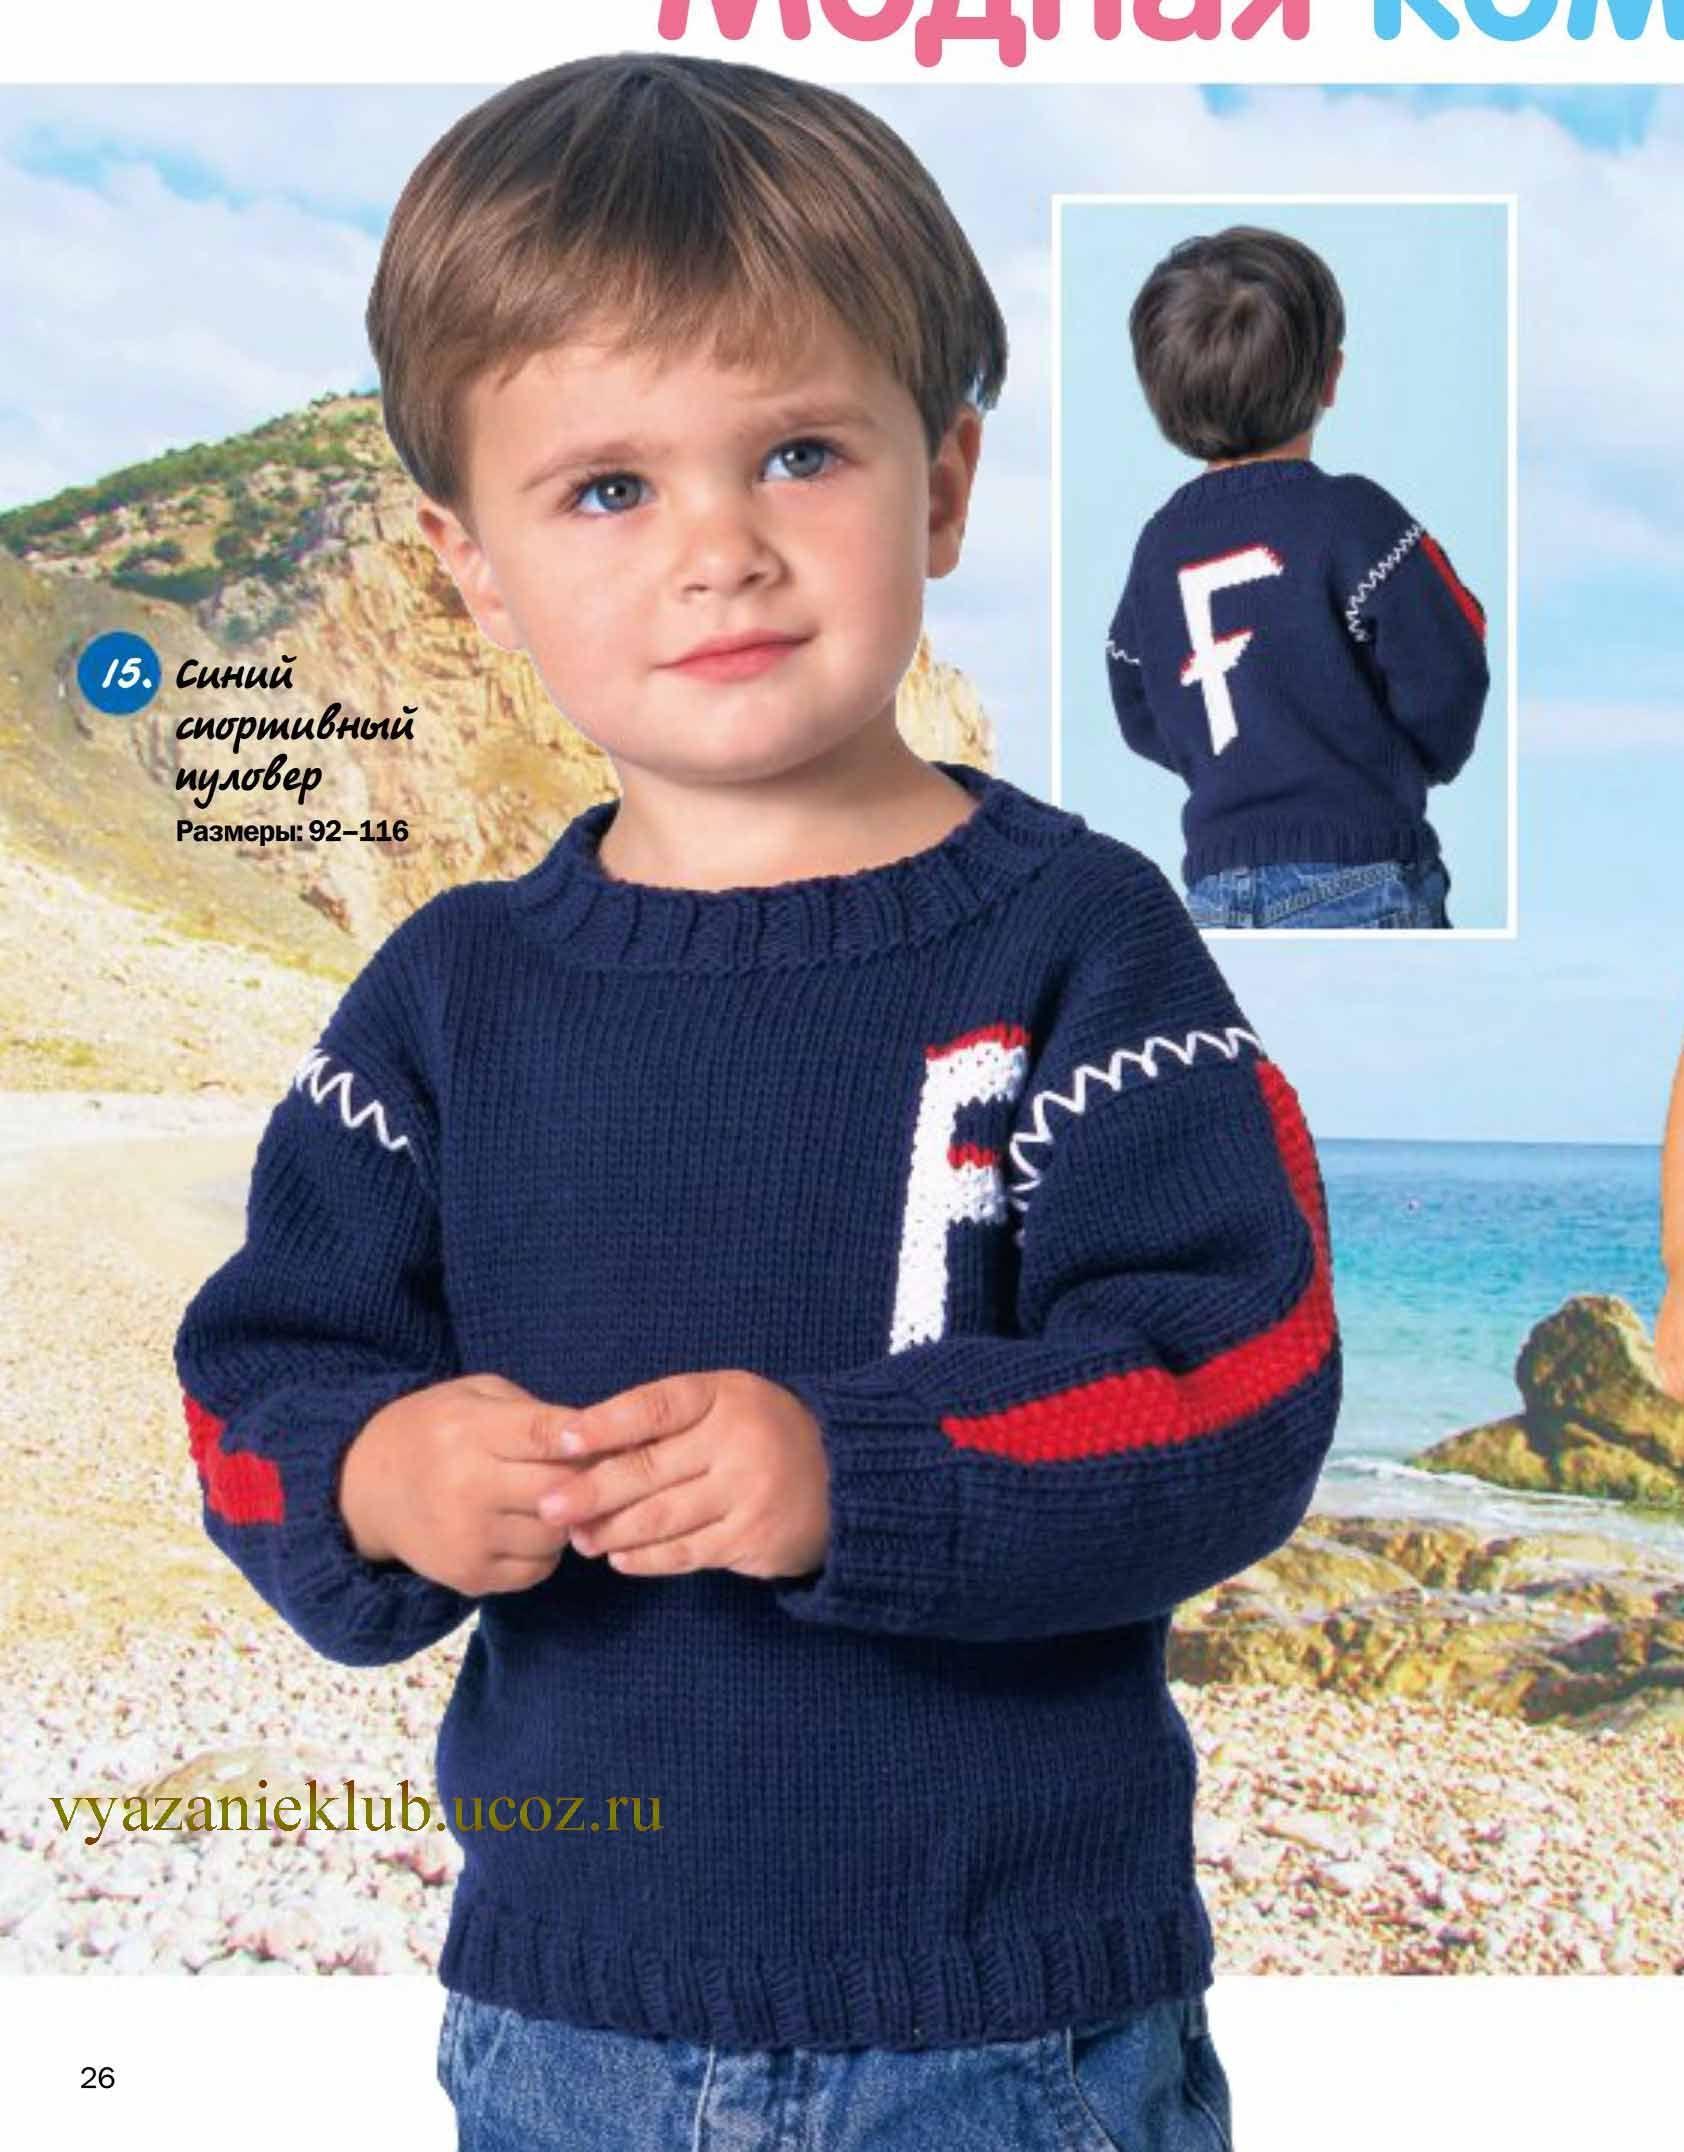 Вязание для мальчика 5 лет пуловер 8